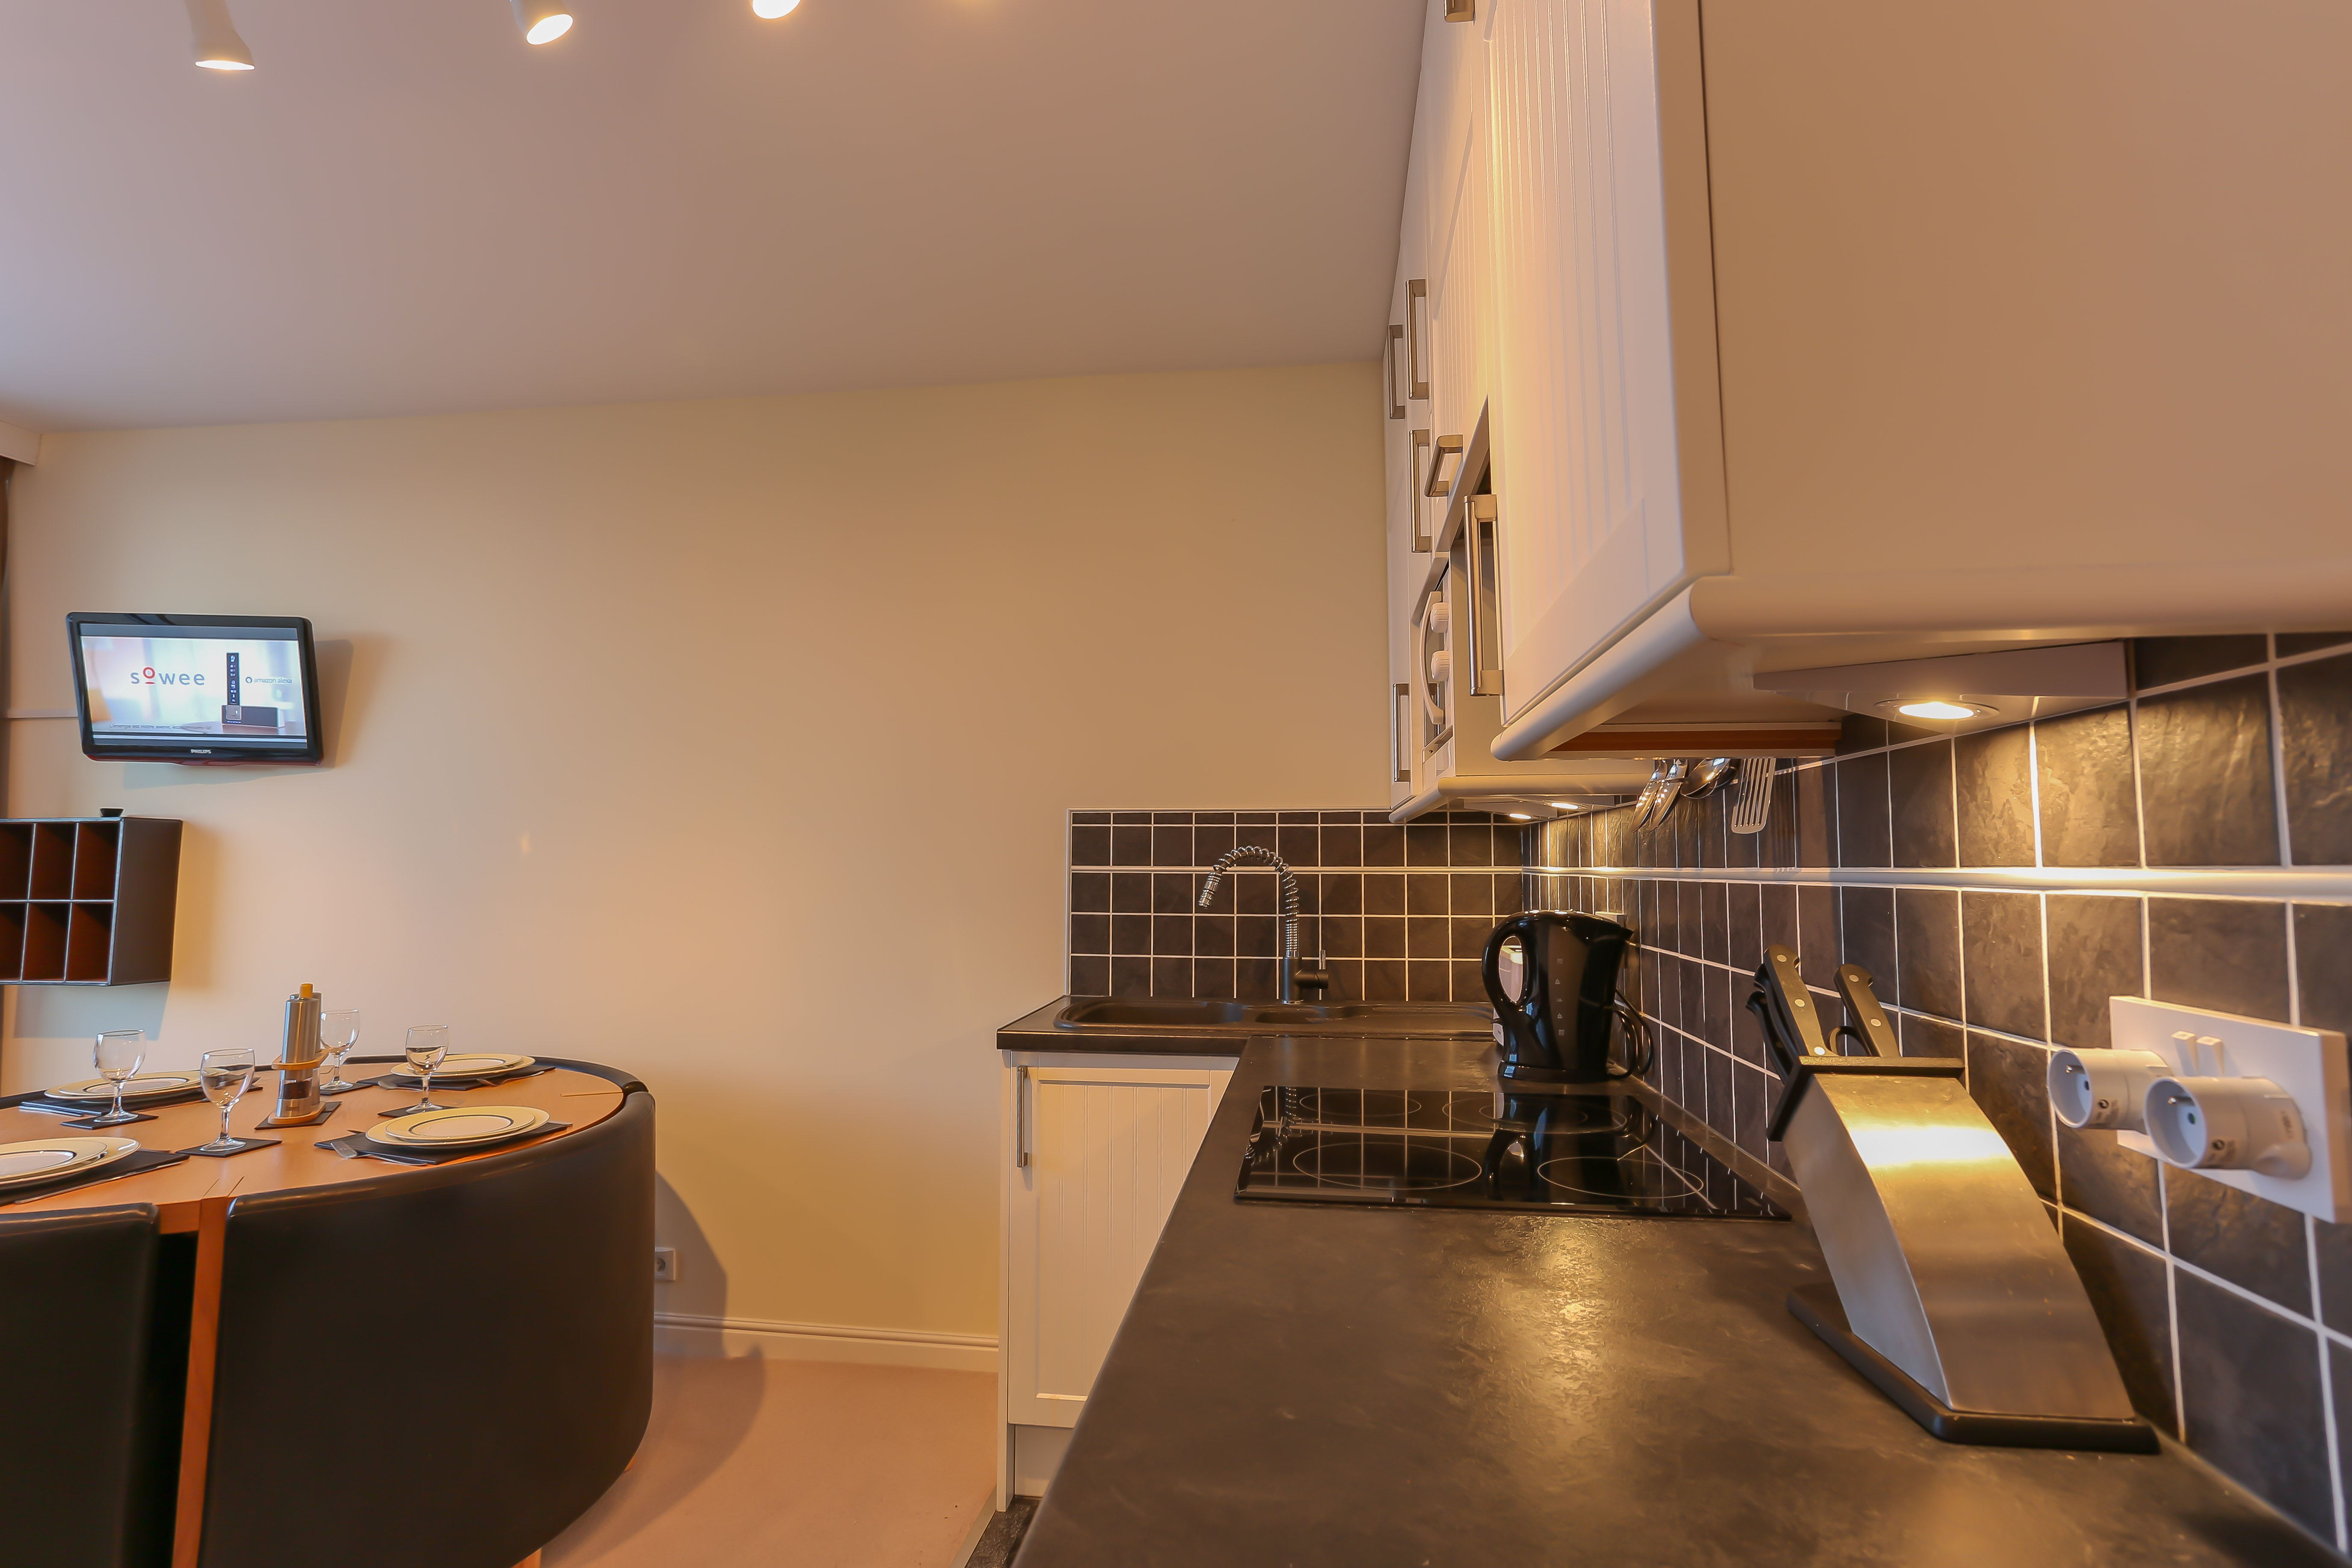 Dôme de Polset 614 > 4 persons apartment - 2 rooms + cabin - 2 Silver Snowflakes (Ma Clé IMMO)